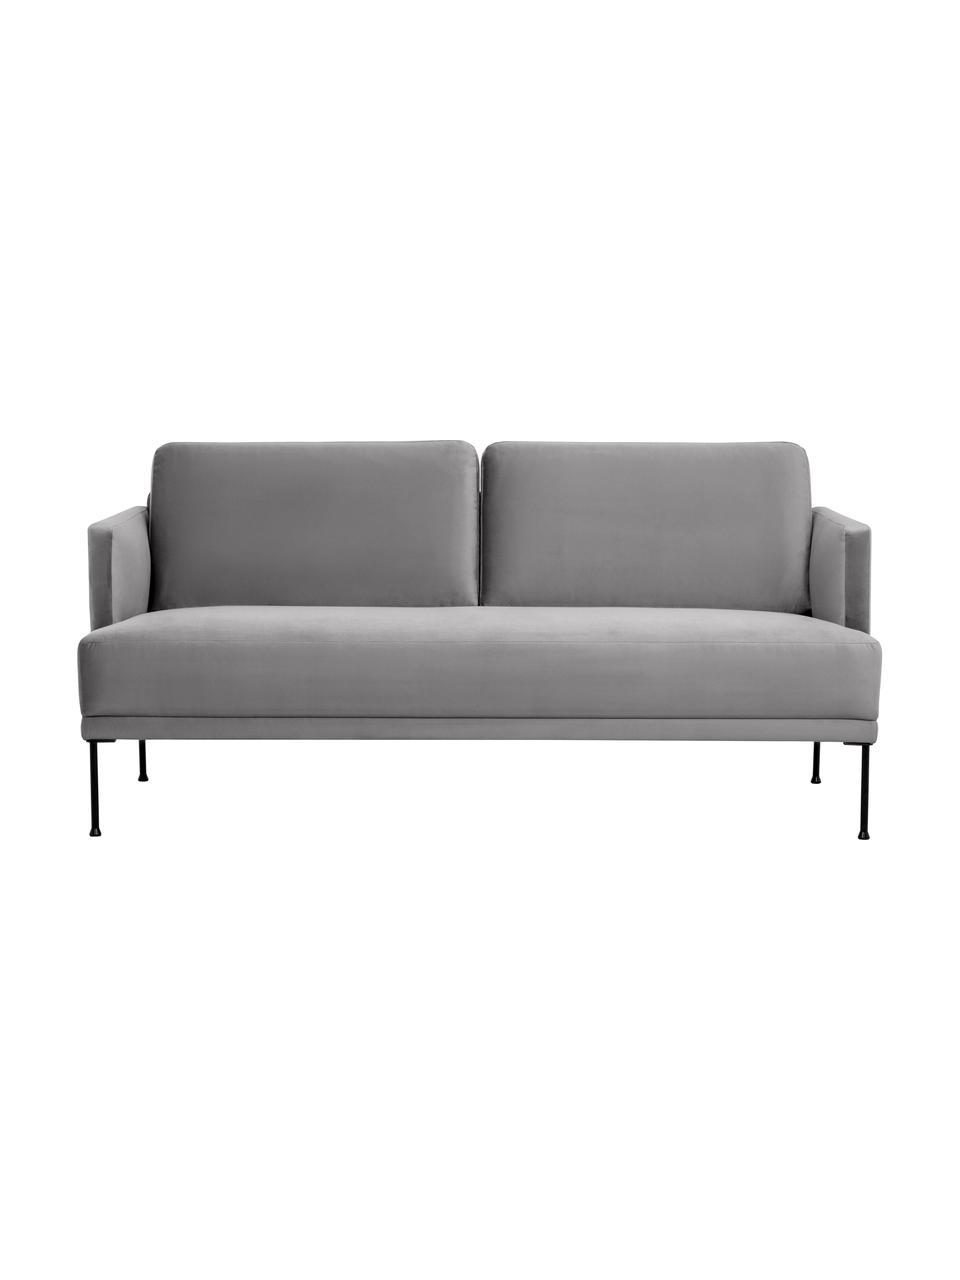 Sofa z aksamitu z metalowymi nogami Fluente (2-osobowa), Tapicerka: aksamit (wysokiej jakości, Nogi: metal malowany proszkowo, Aksamitny jasny szary, S 166 x G 85 cm